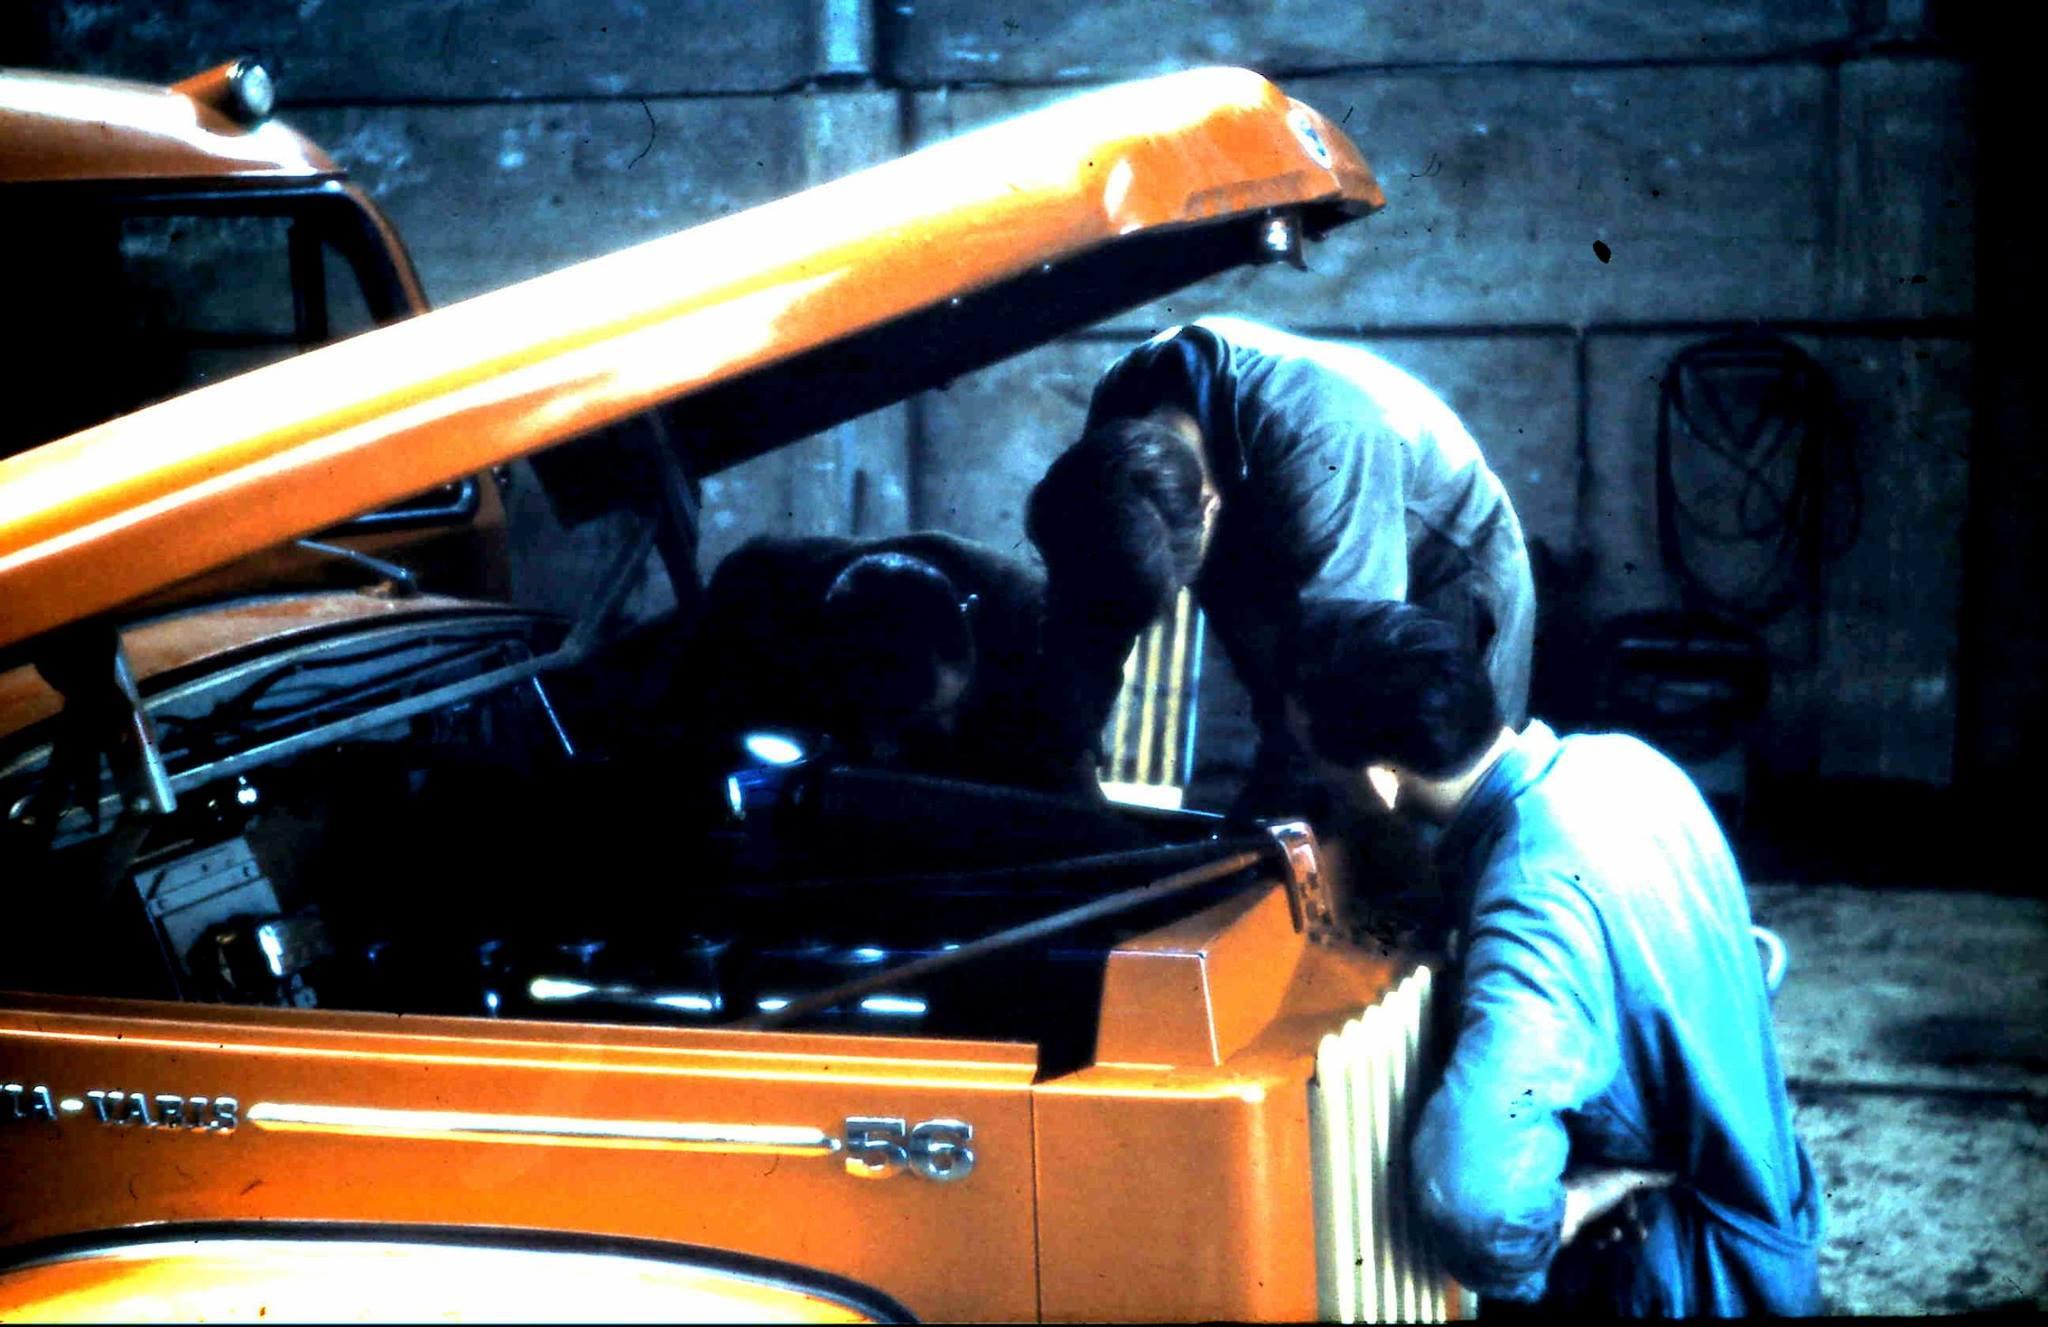 Reparatie-tuimelaar-assen-welke-helaas-veelvuldig-defect-gingen.-Nadat-er-na-enkele-jaren-de-tuimelaar-assen-van-een-super-scania-in-deze-vrachtwagen-werden-gemonteerd-was-het-probleem-over